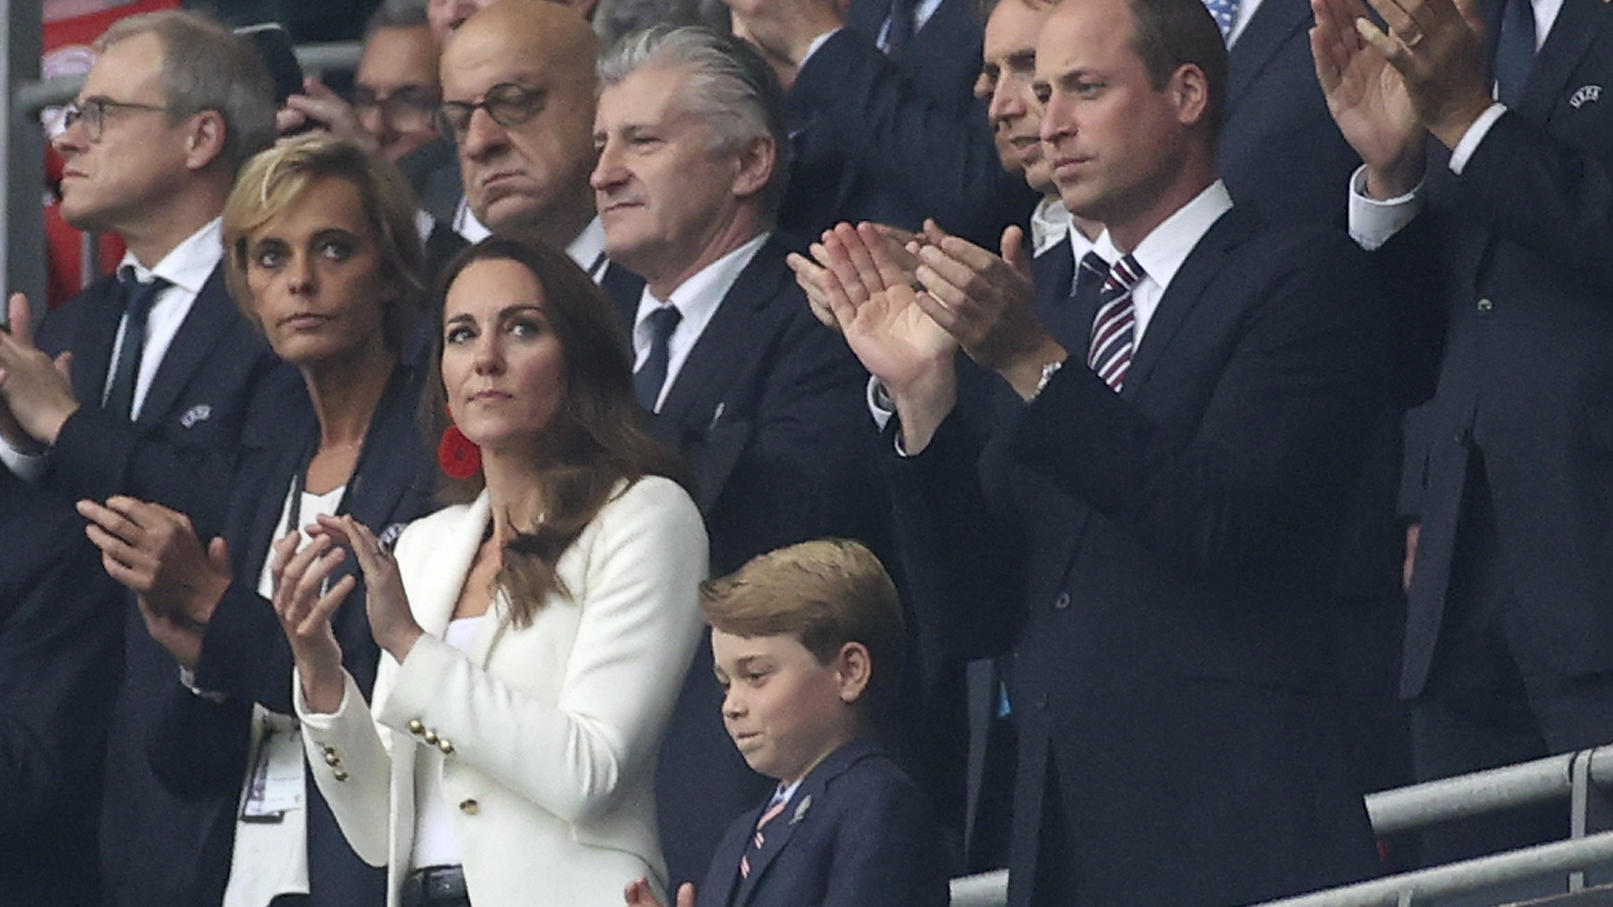 Die Royals fiebern im Stadion mit - vor allem Prinz George ist ganz gespannt und stolz.